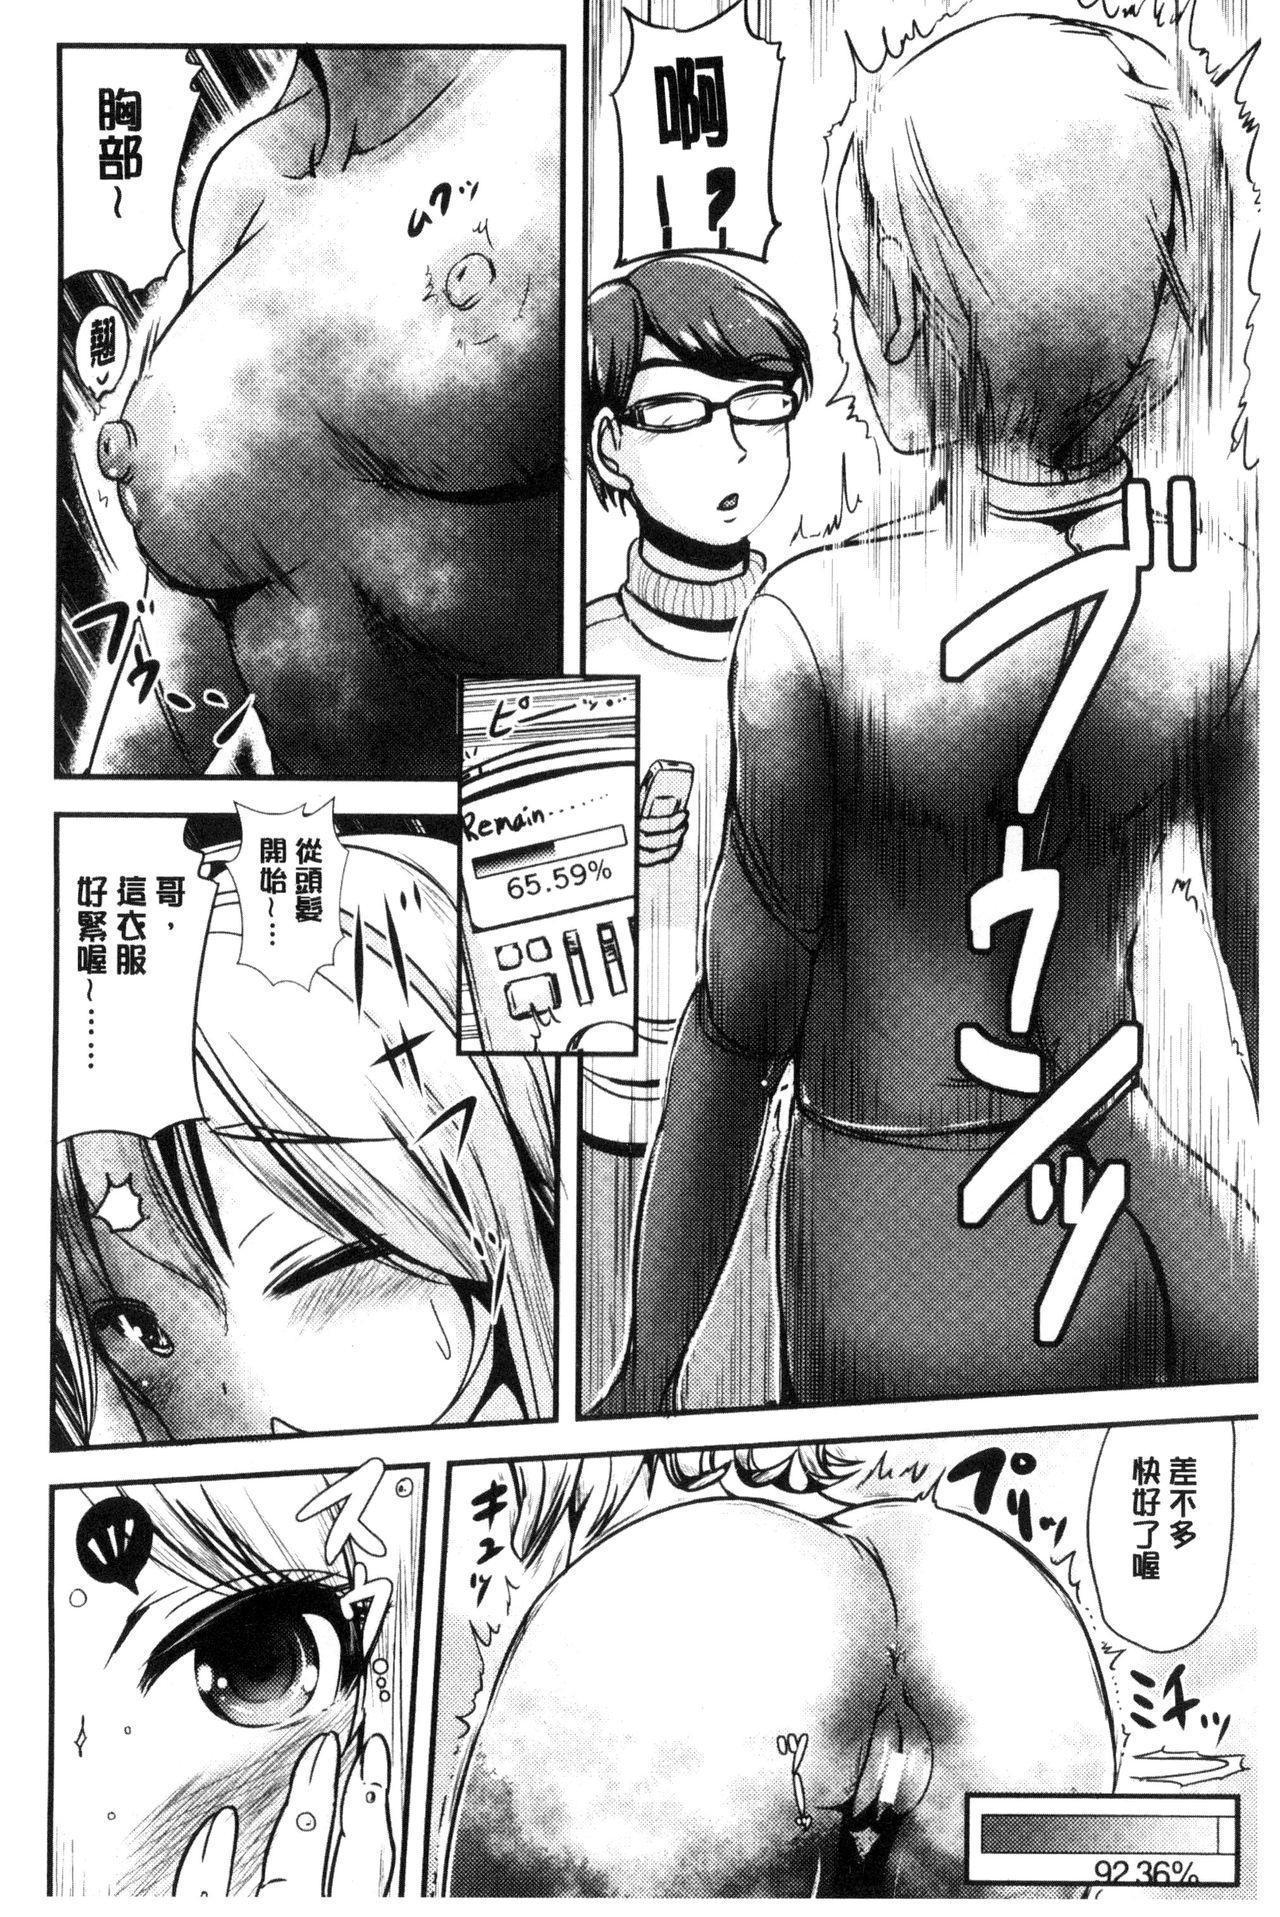 [Marneko] Onnanoko Supple ~Seitenkan Shite Hoken no Jugyou~   女孩子補給品 性轉換之後保健的授業 [Chinese] 125